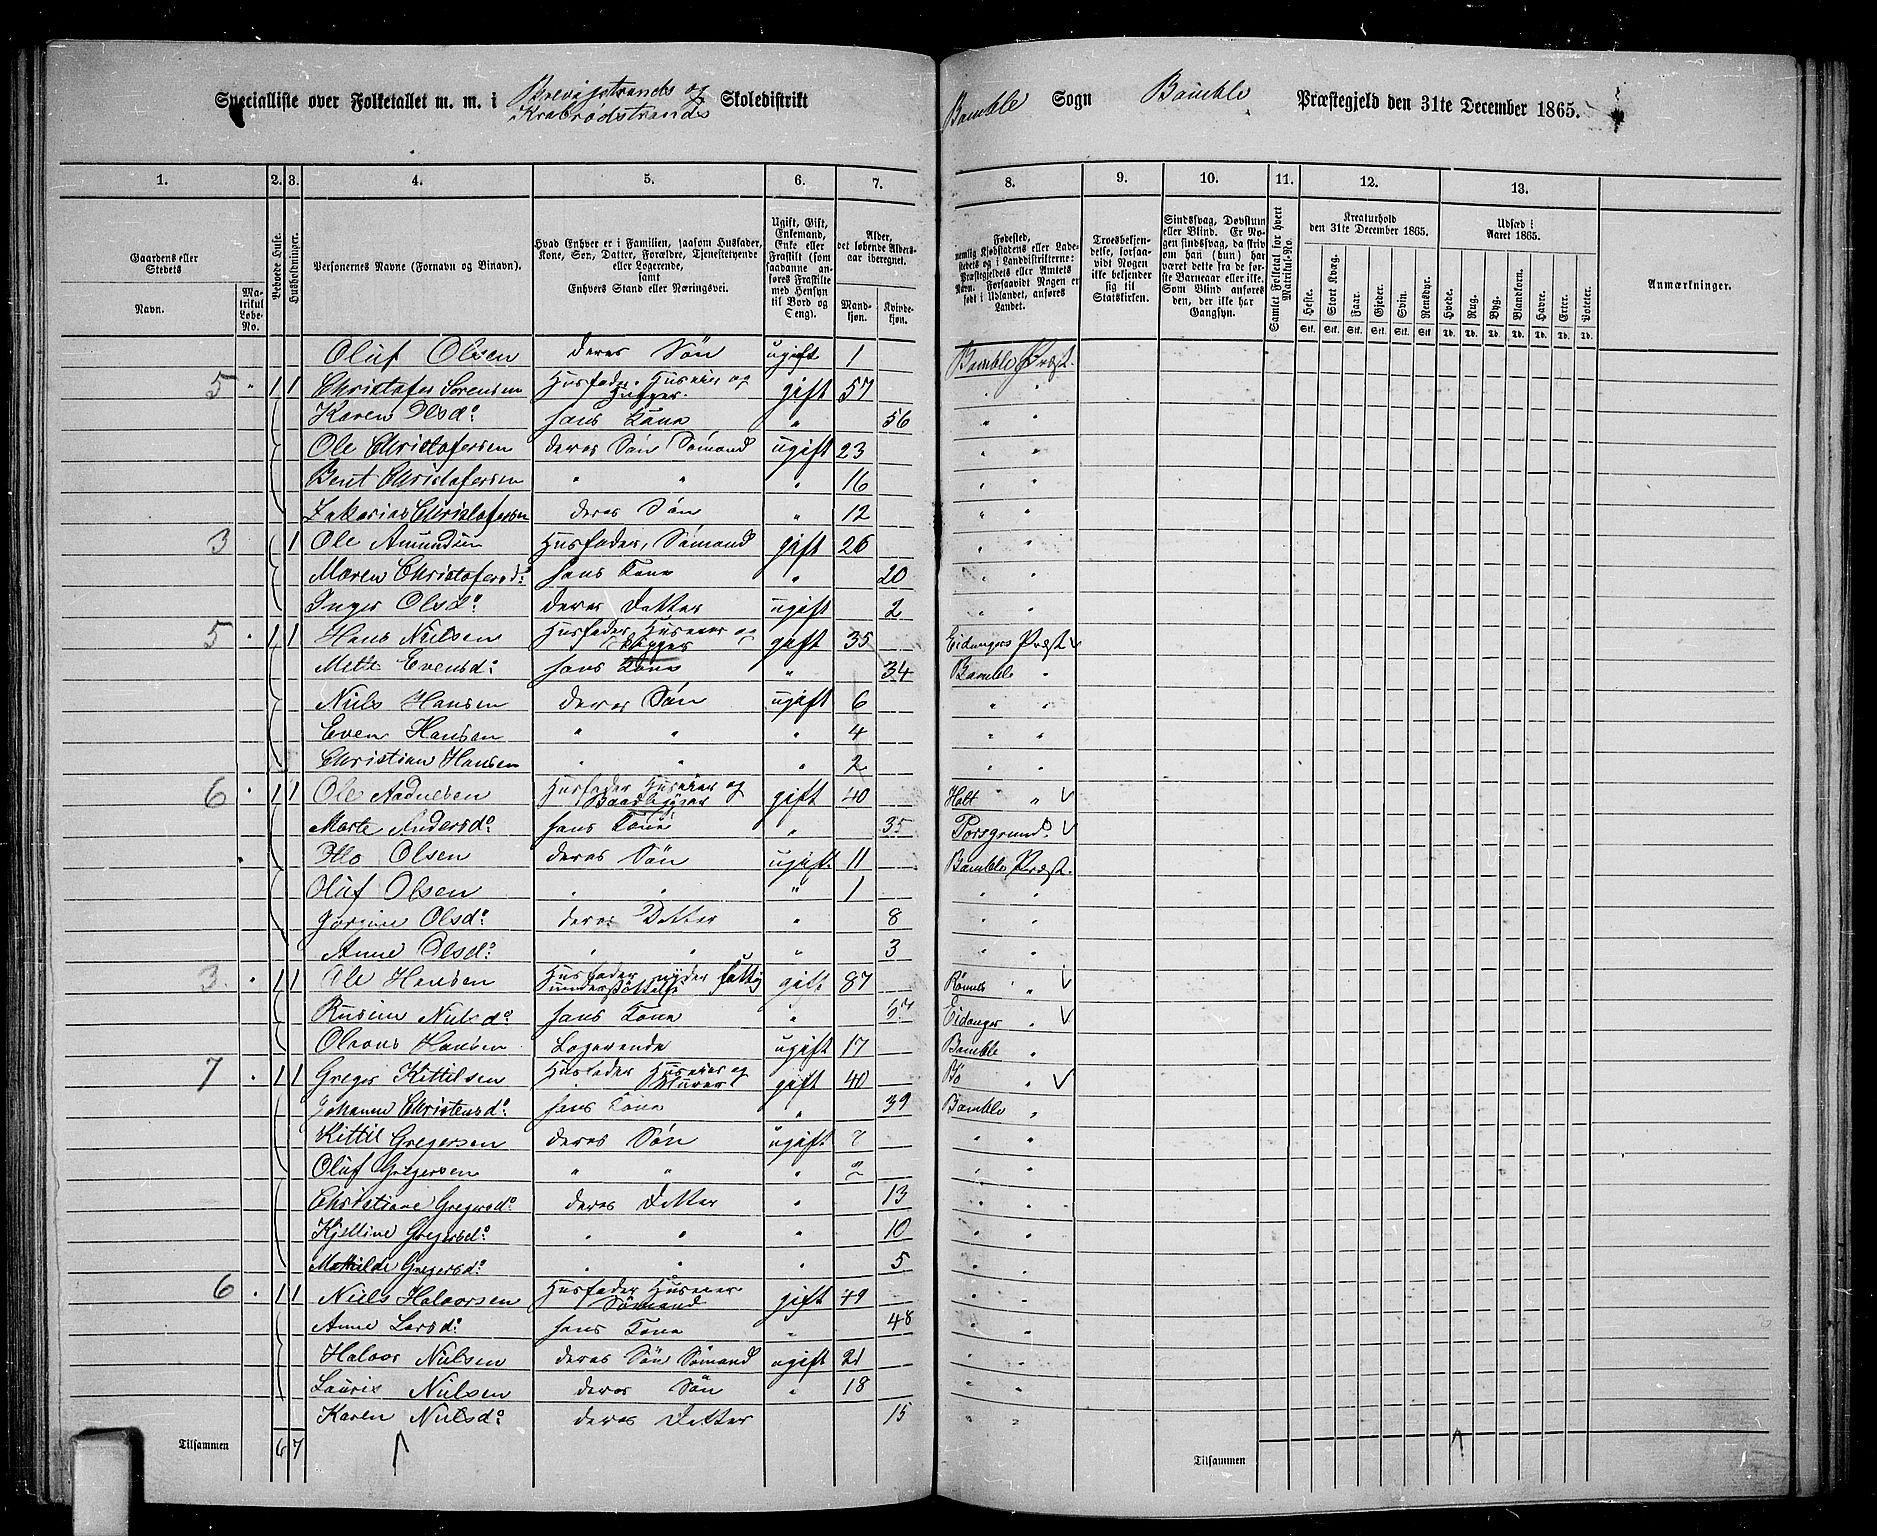 RA, Folketelling 1865 for 0814P Bamble prestegjeld, 1865, s. 139